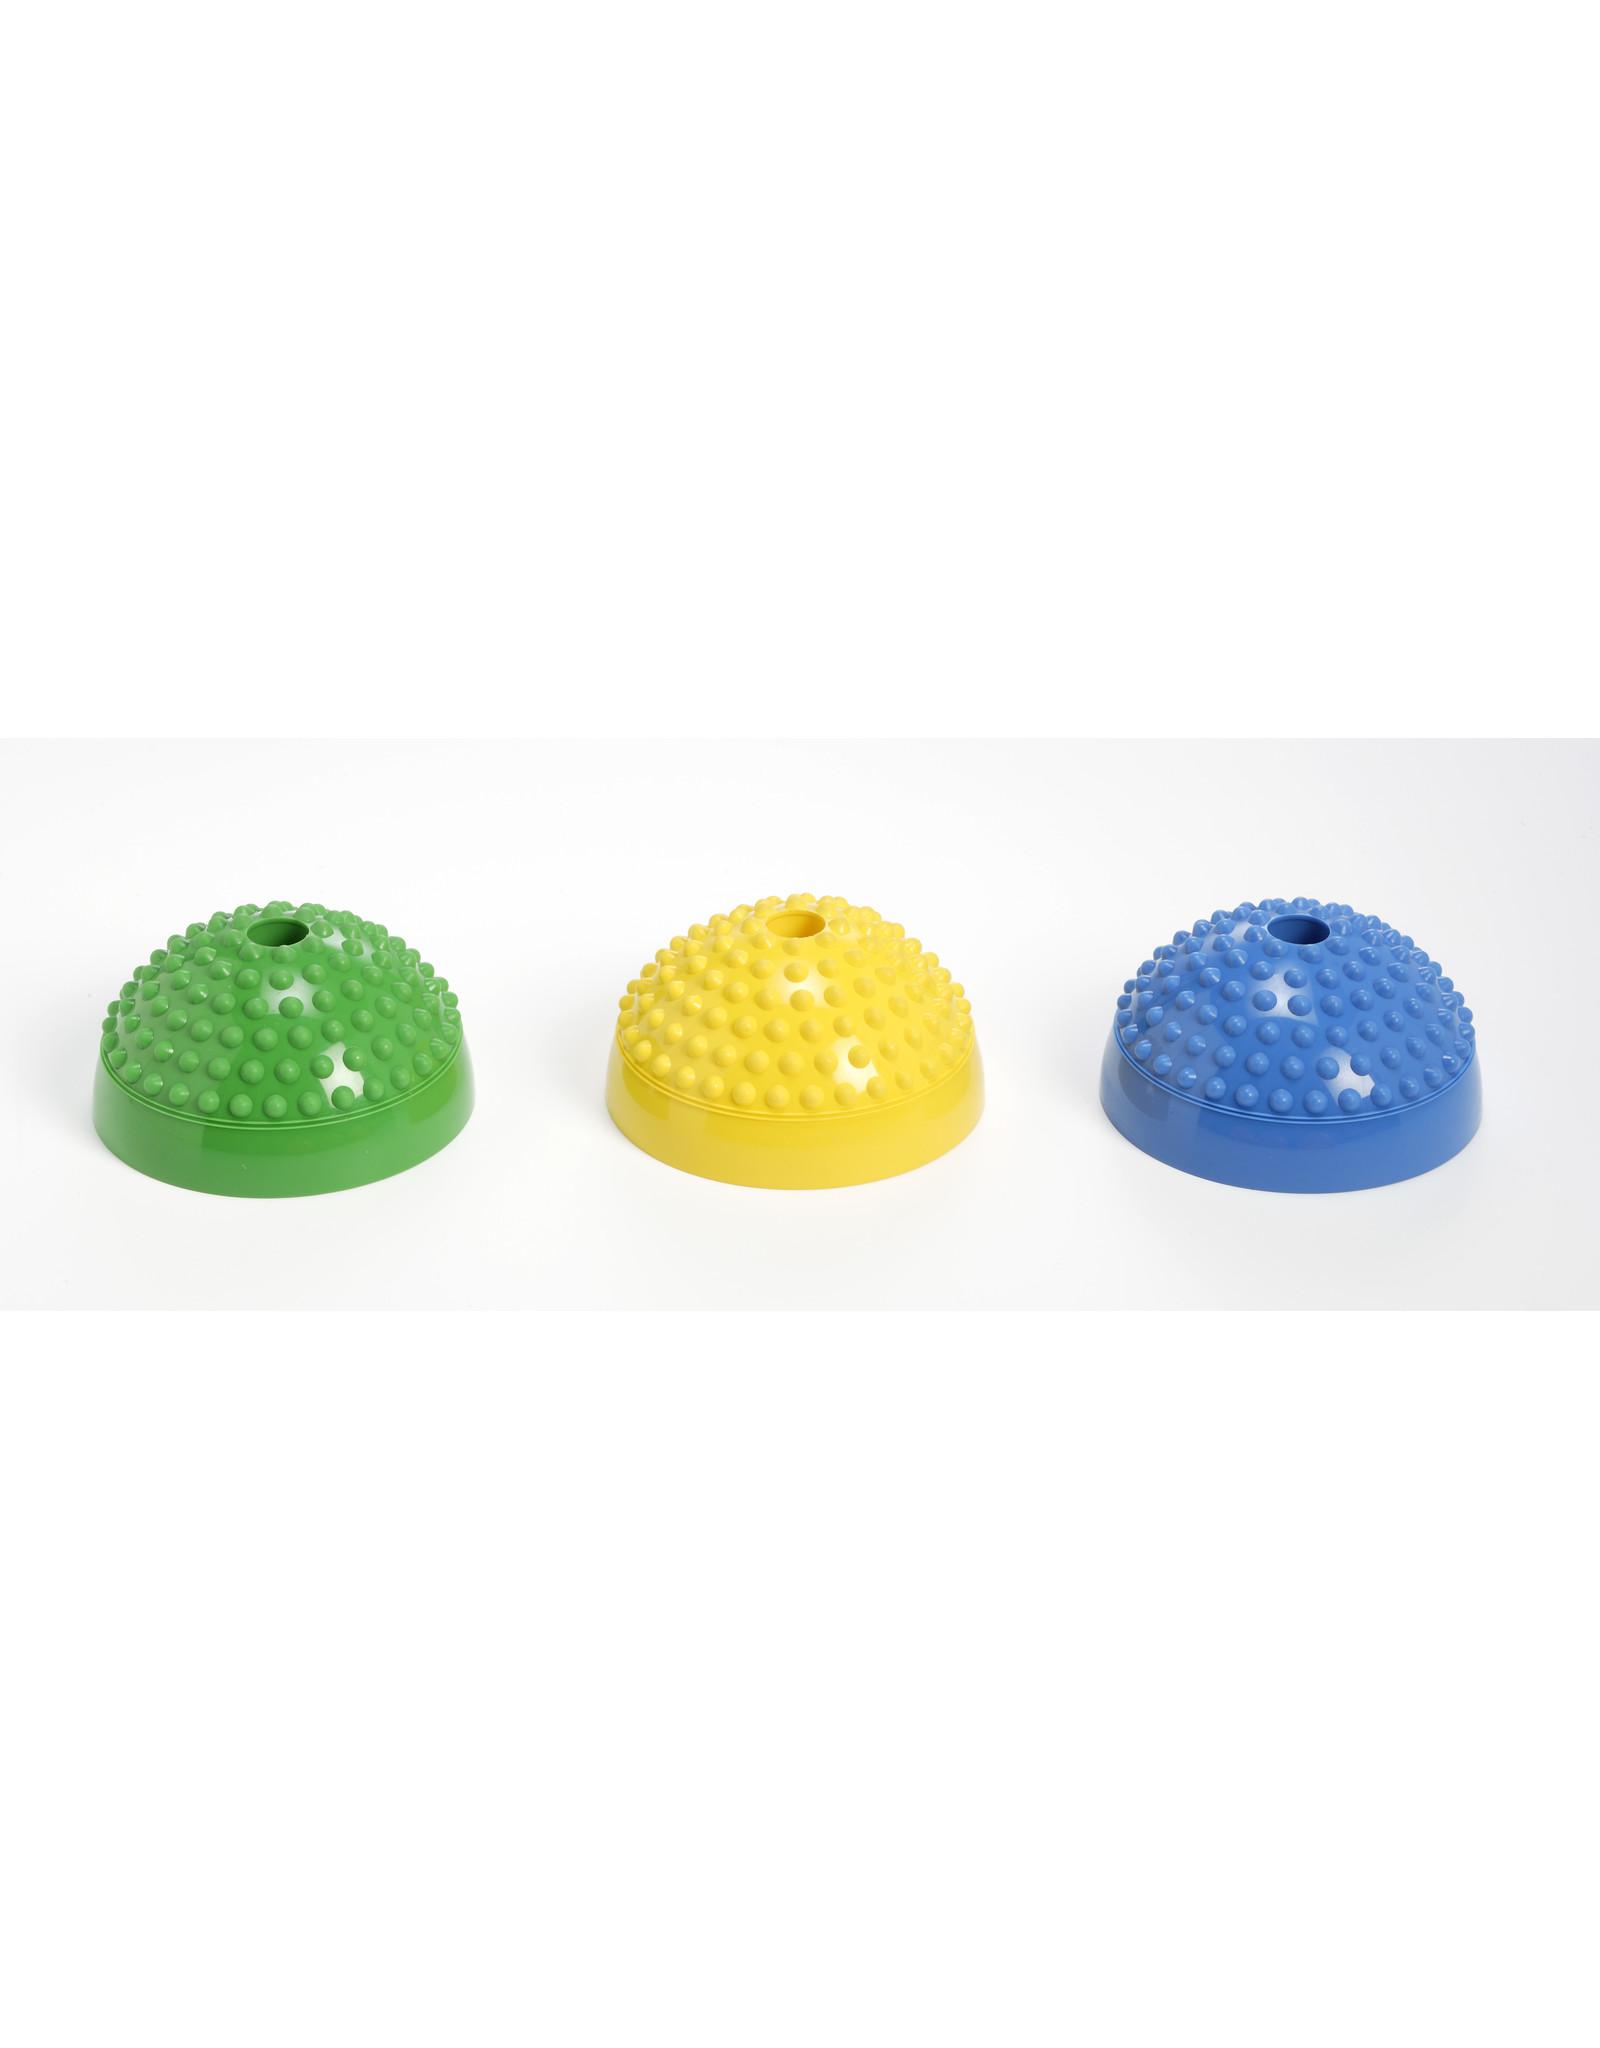 Gymnic Multiactiv Stones / set of 6 pcs